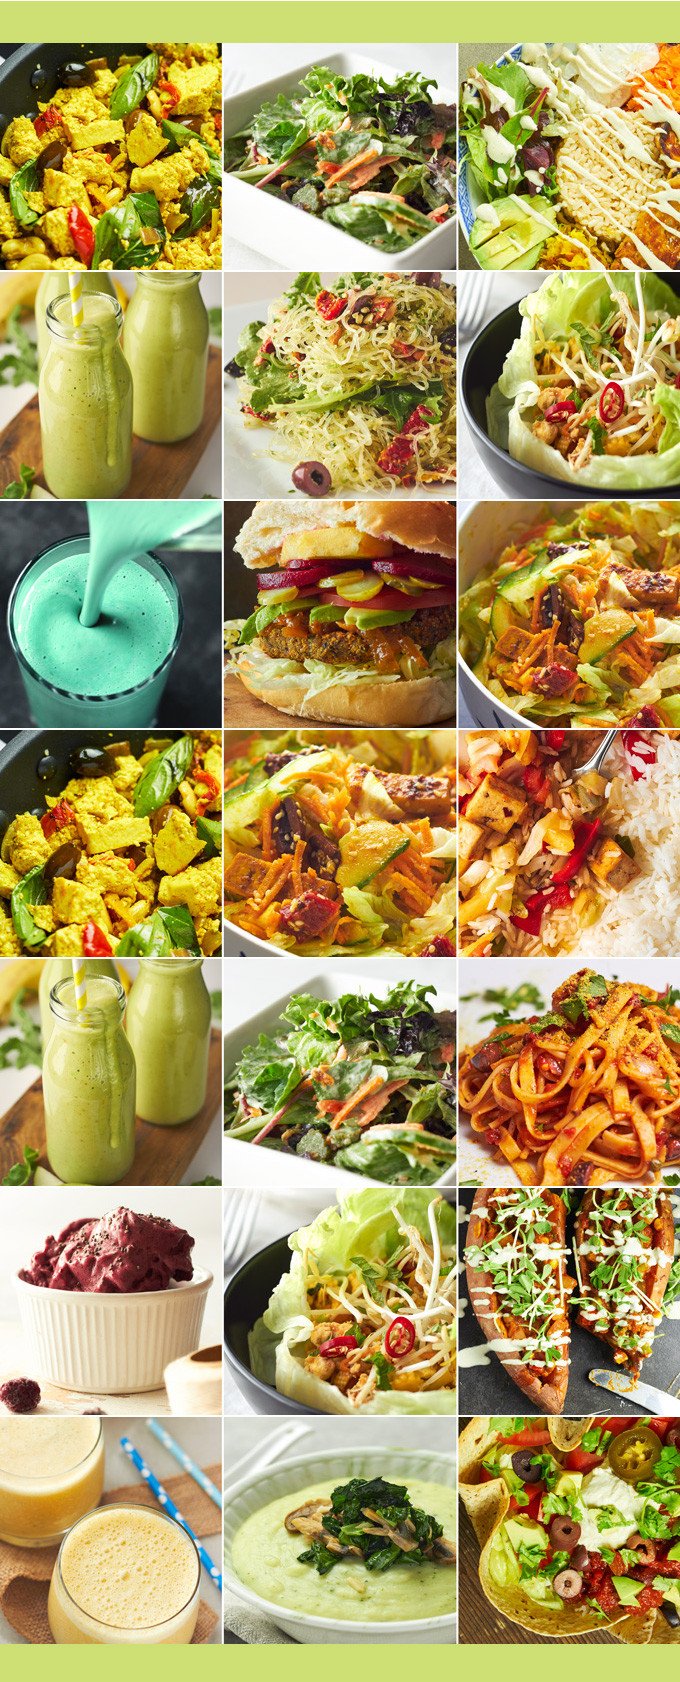 Vegan Plan Meal  Vegan Meal Plan A Week of Healthy Menus